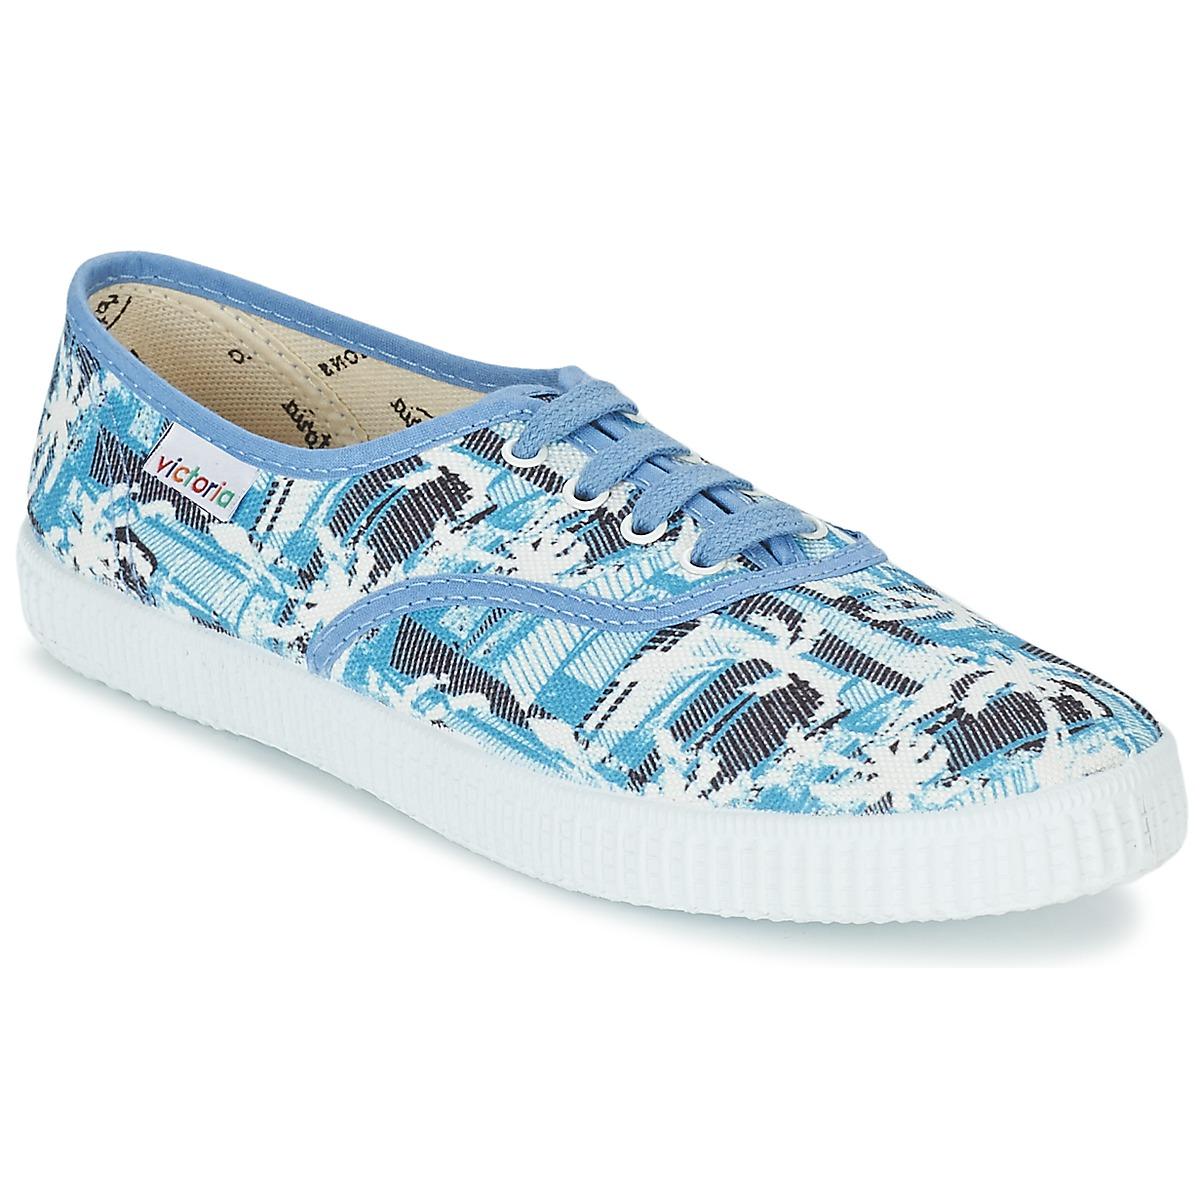 Victoria INGLES PALMERAS Blau - Kostenloser Versand bei Spartoode ! - Schuhe Sneaker Low  22,80 €